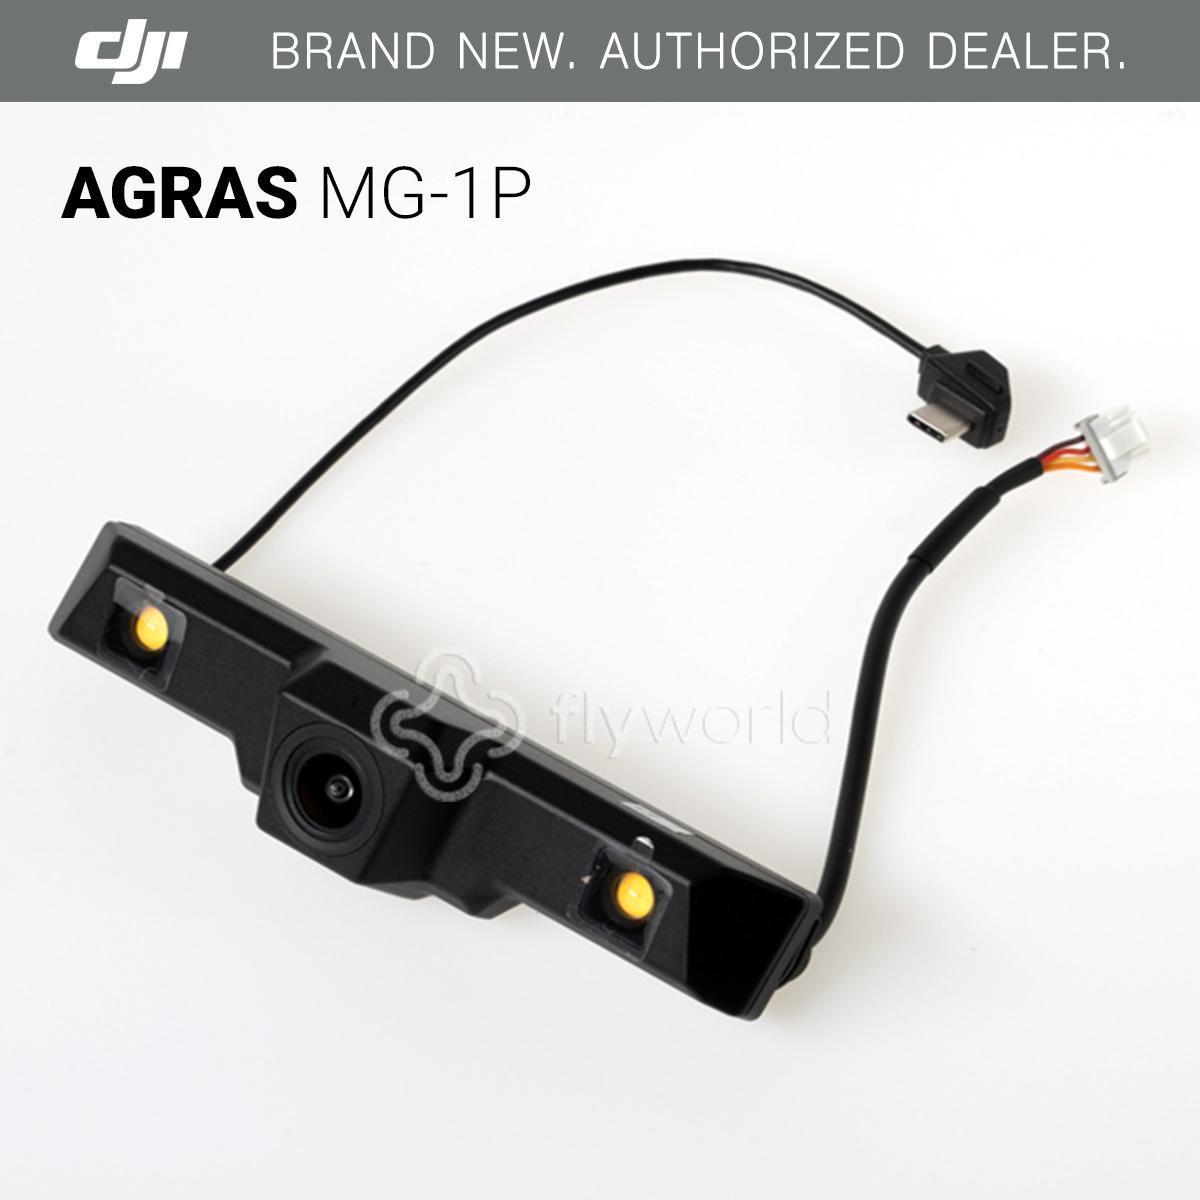 Agras MG-1P